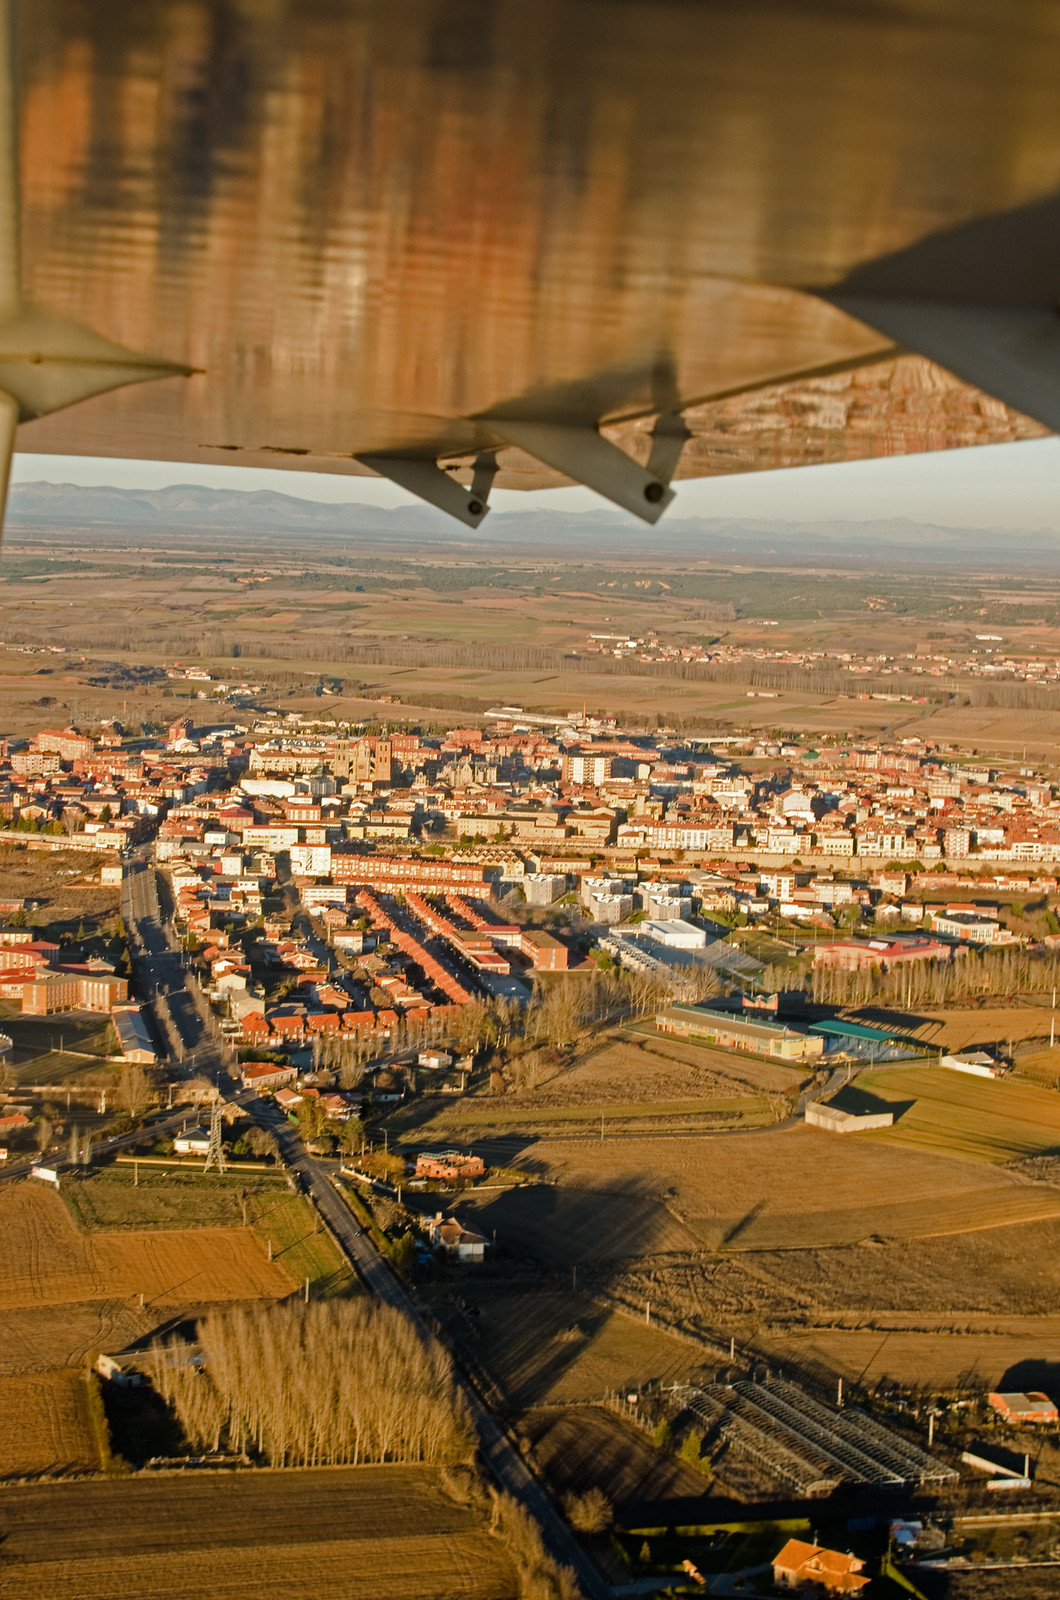 Vuelo Roberto Jabiru UL-450 Aerodromo Kitfox vuelo Astorga (24)